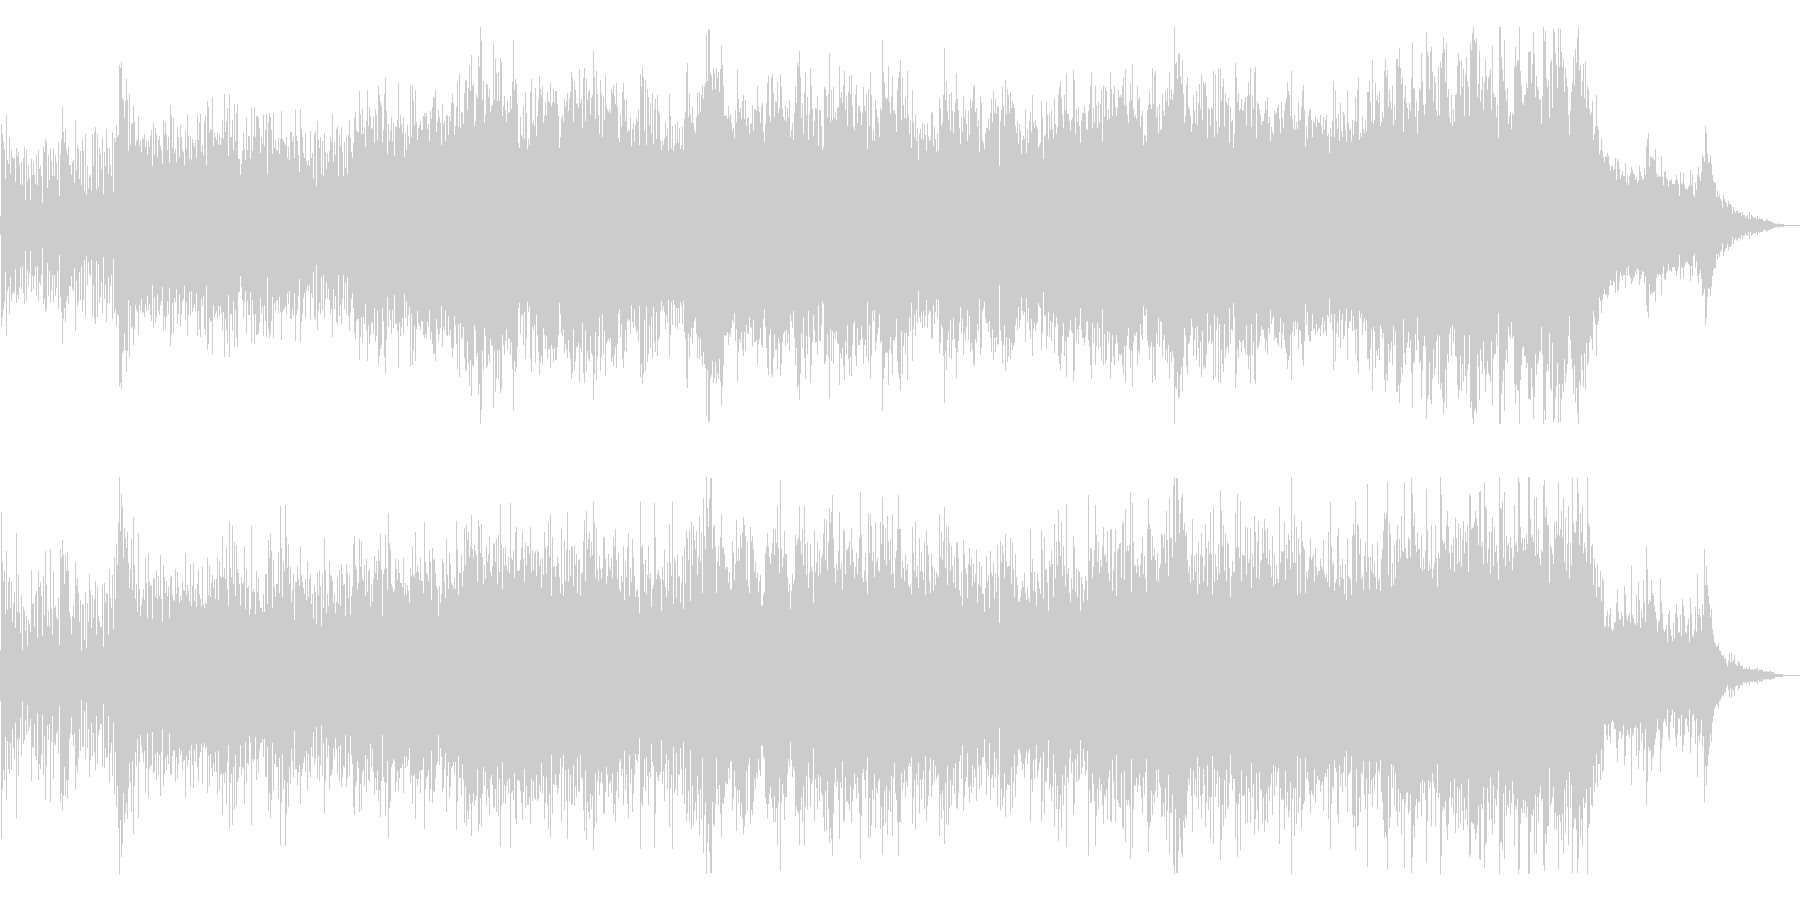 オーケストラによるドラマチックサウンドの未再生の波形